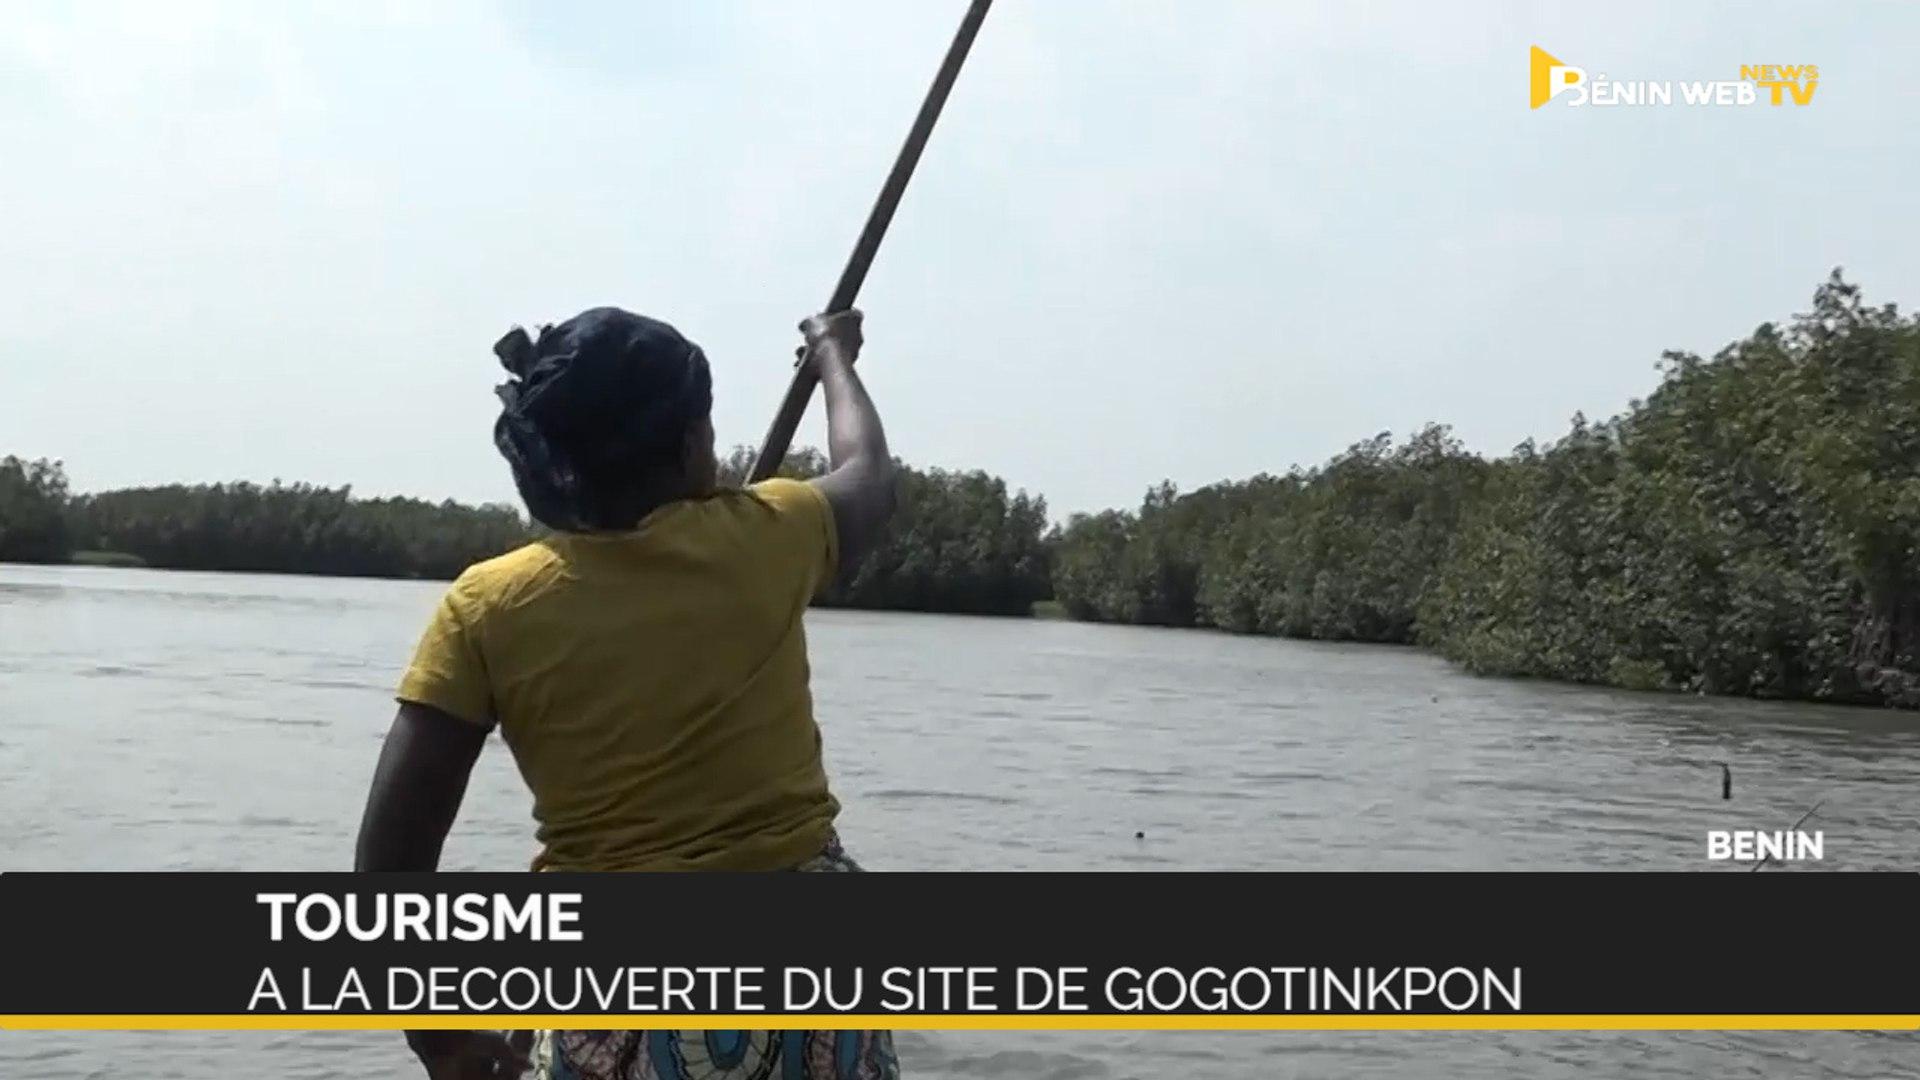 Bénin-Tourisme: à la découverte du site de Gogotinkpon